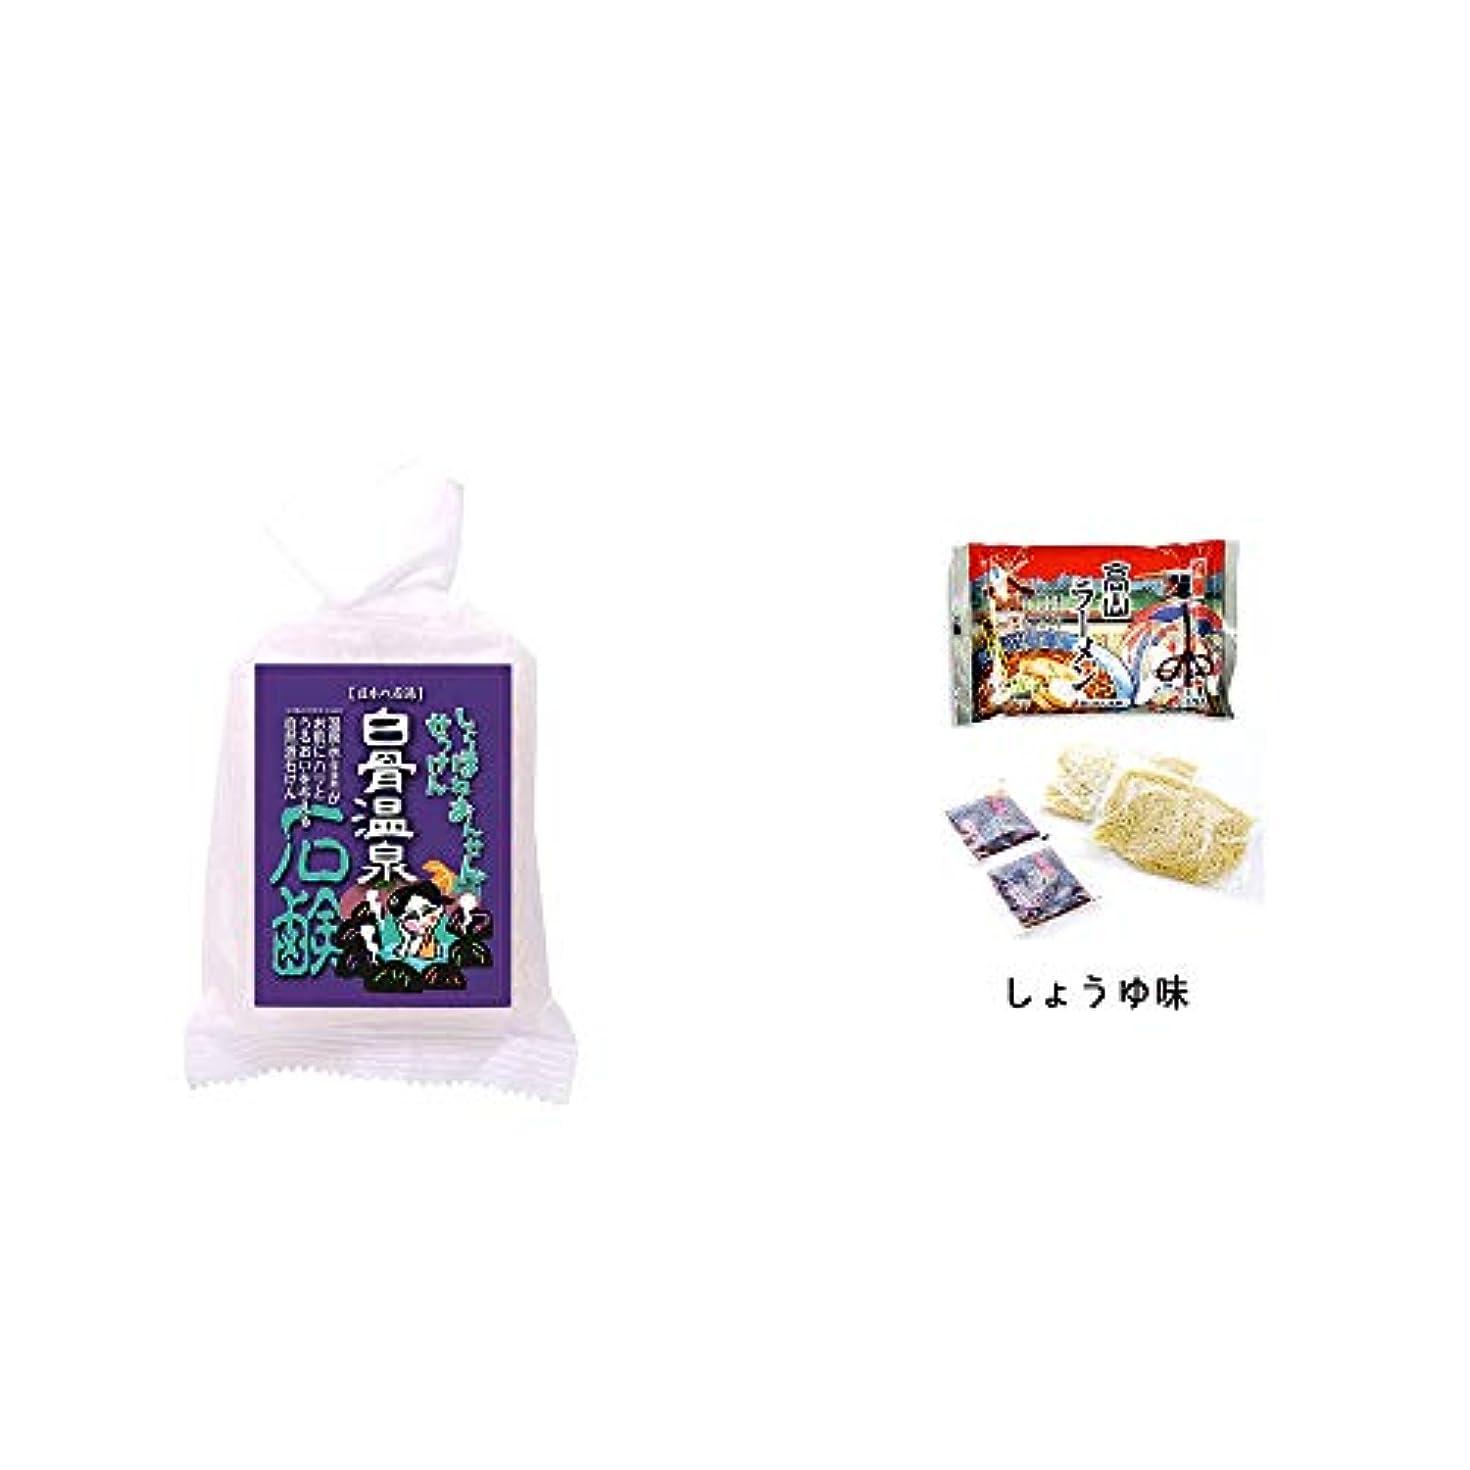 国際推定協会[2点セット] 信州 白骨温泉石鹸(80g)?飛騨高山ラーメン[生麺?スープ付 (しょうゆ味)]